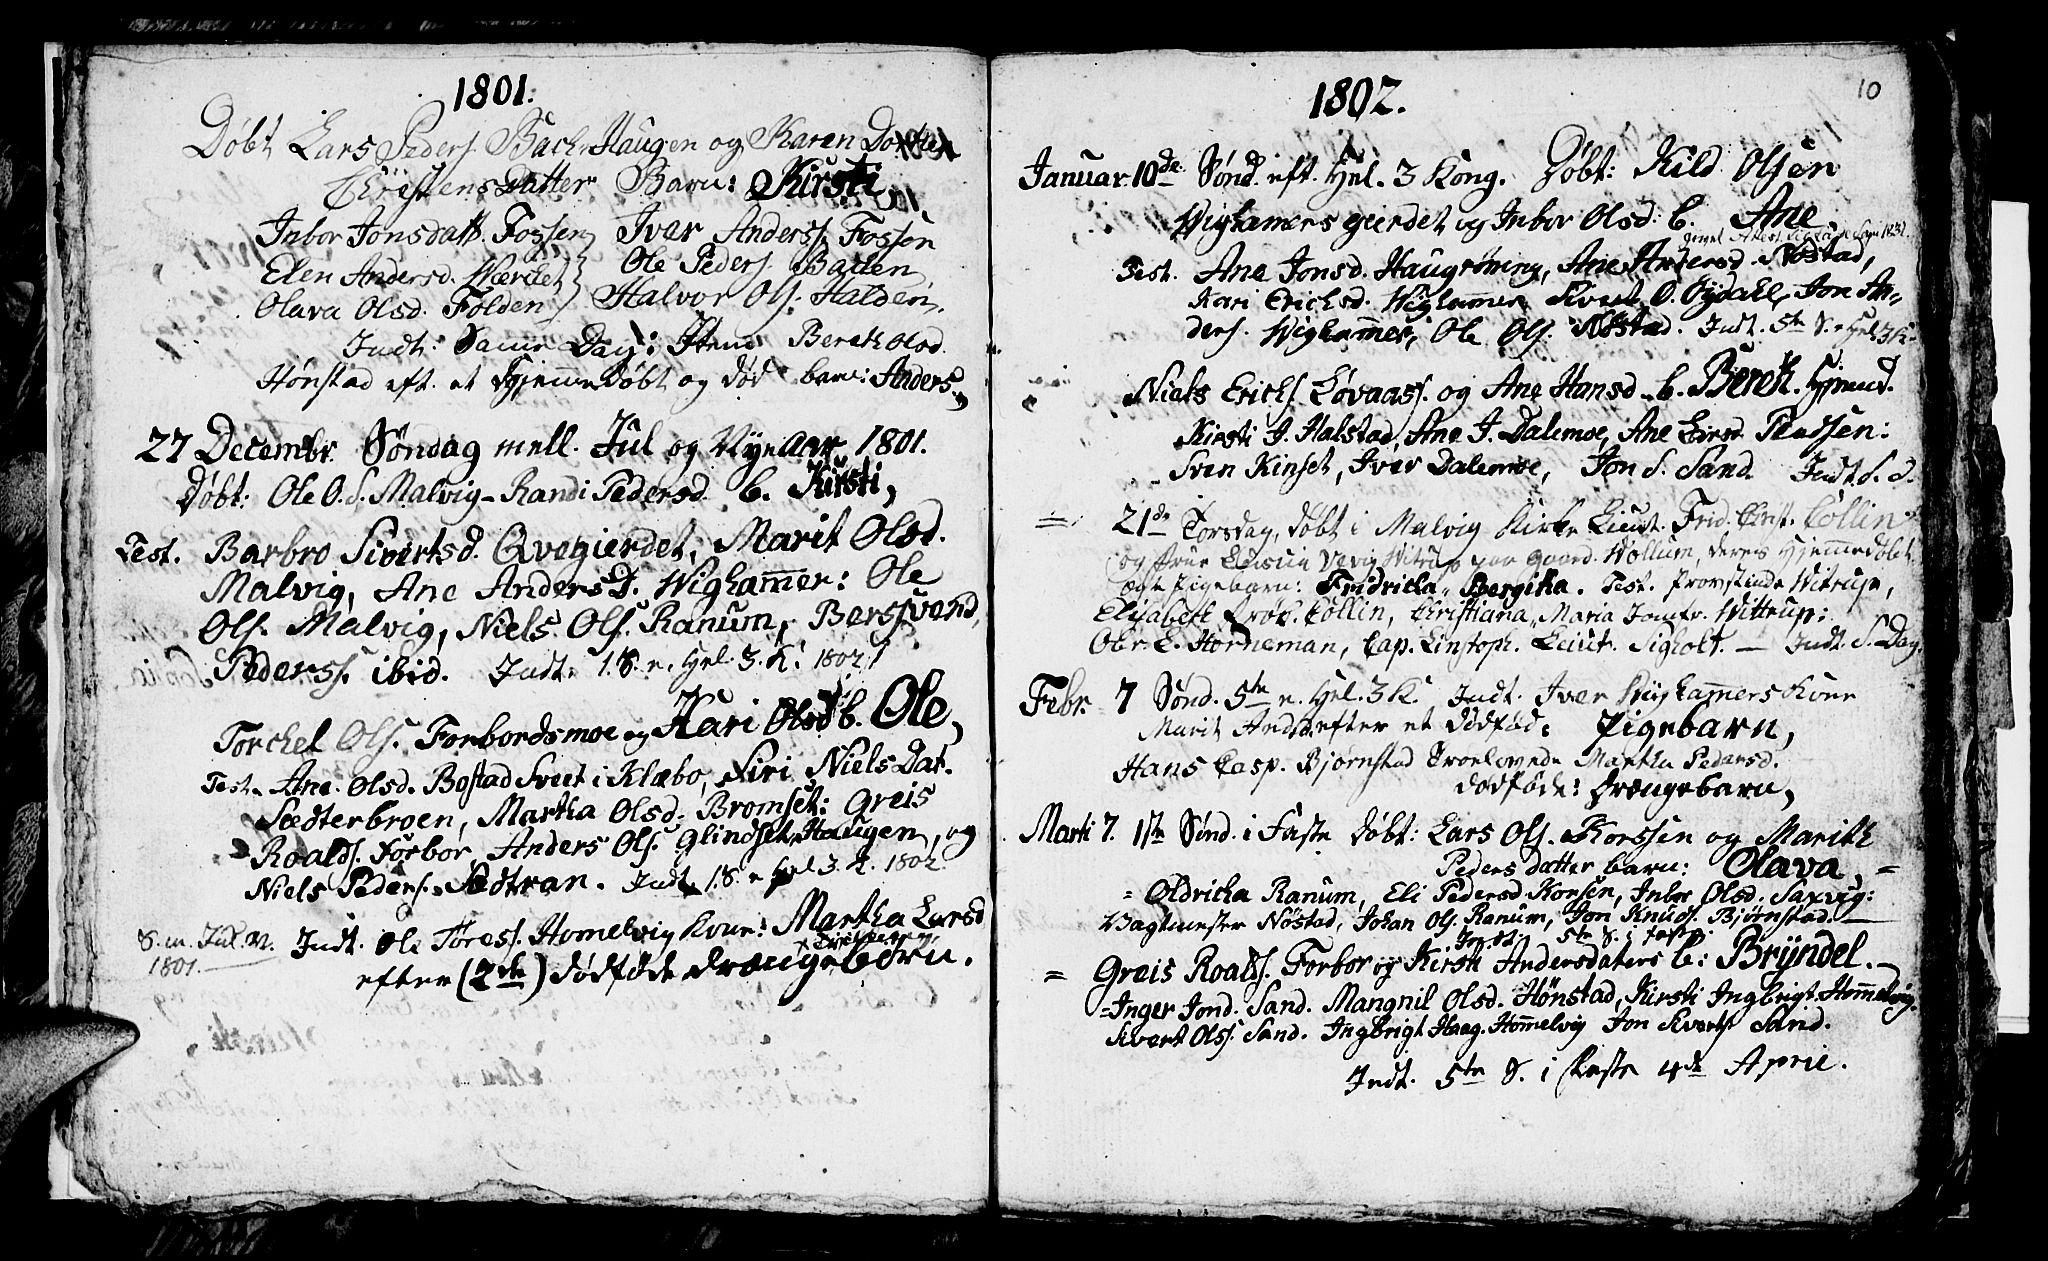 SAT, Ministerialprotokoller, klokkerbøker og fødselsregistre - Sør-Trøndelag, 616/L0419: Klokkerbok nr. 616C02, 1797-1816, s. 10